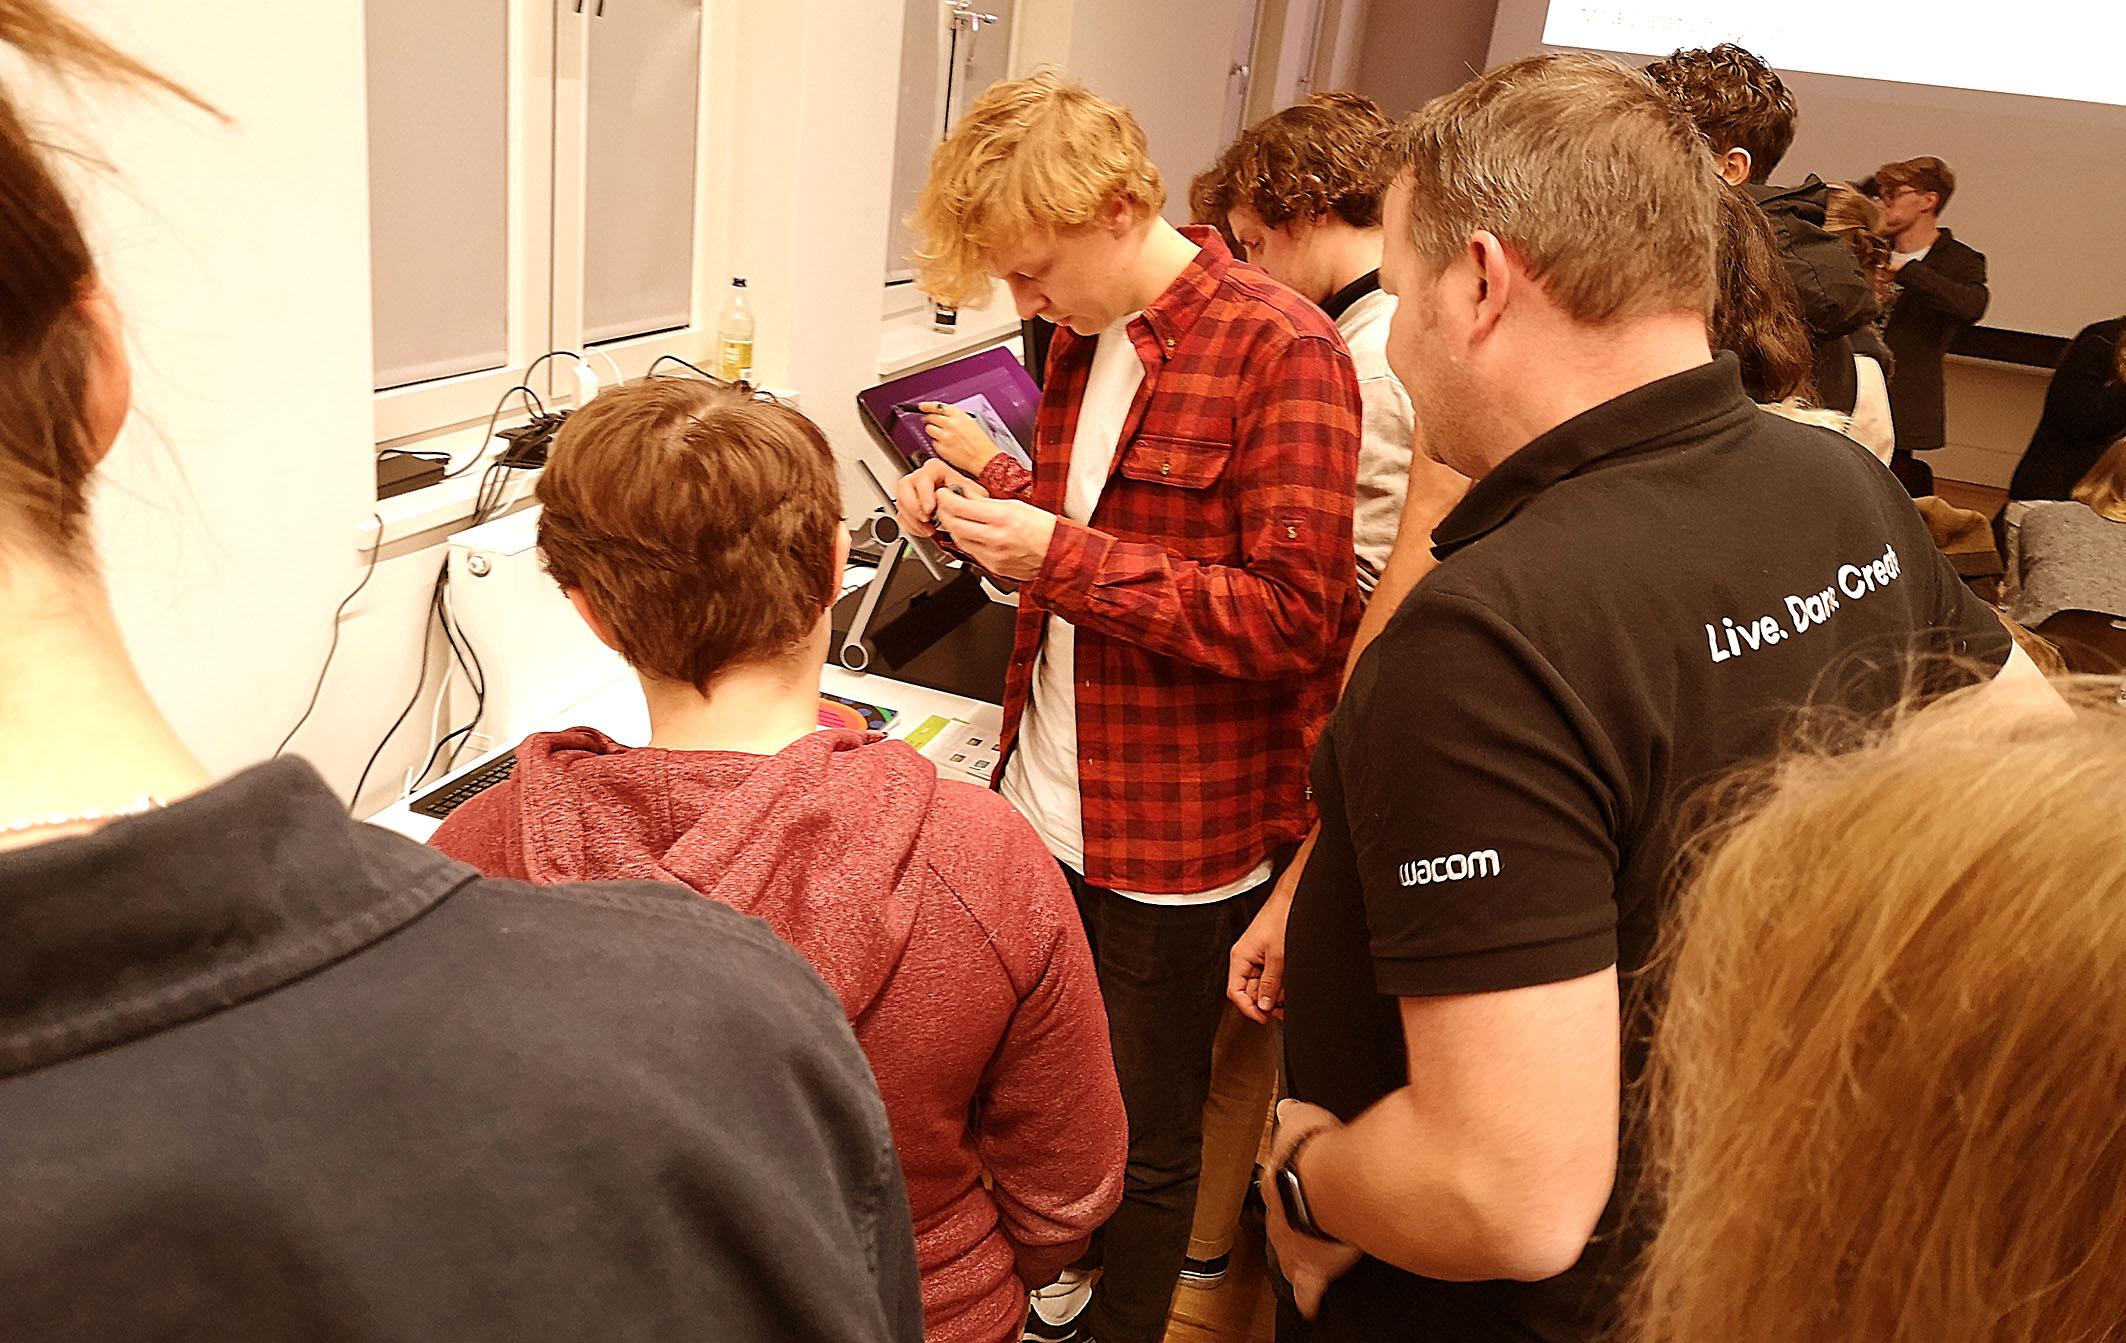 Foto: Michael B. Rehders - Während der Pause und nach den Präsentationen konnten Tablets und Monitore ausprobiert werden.